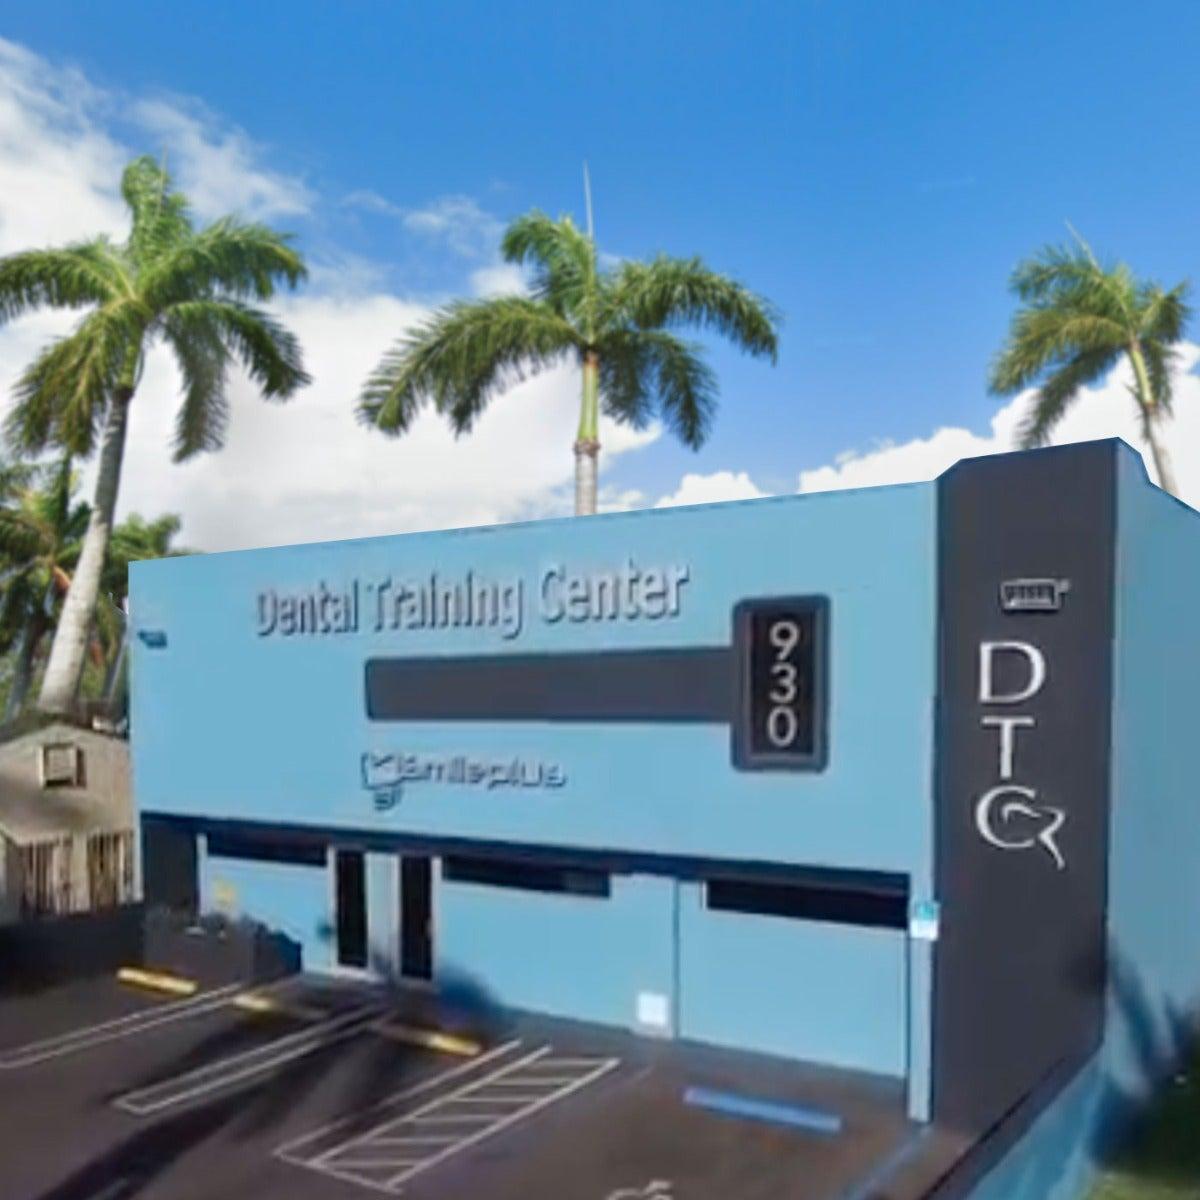 Dental Training Center of Miami - Miami, Florida